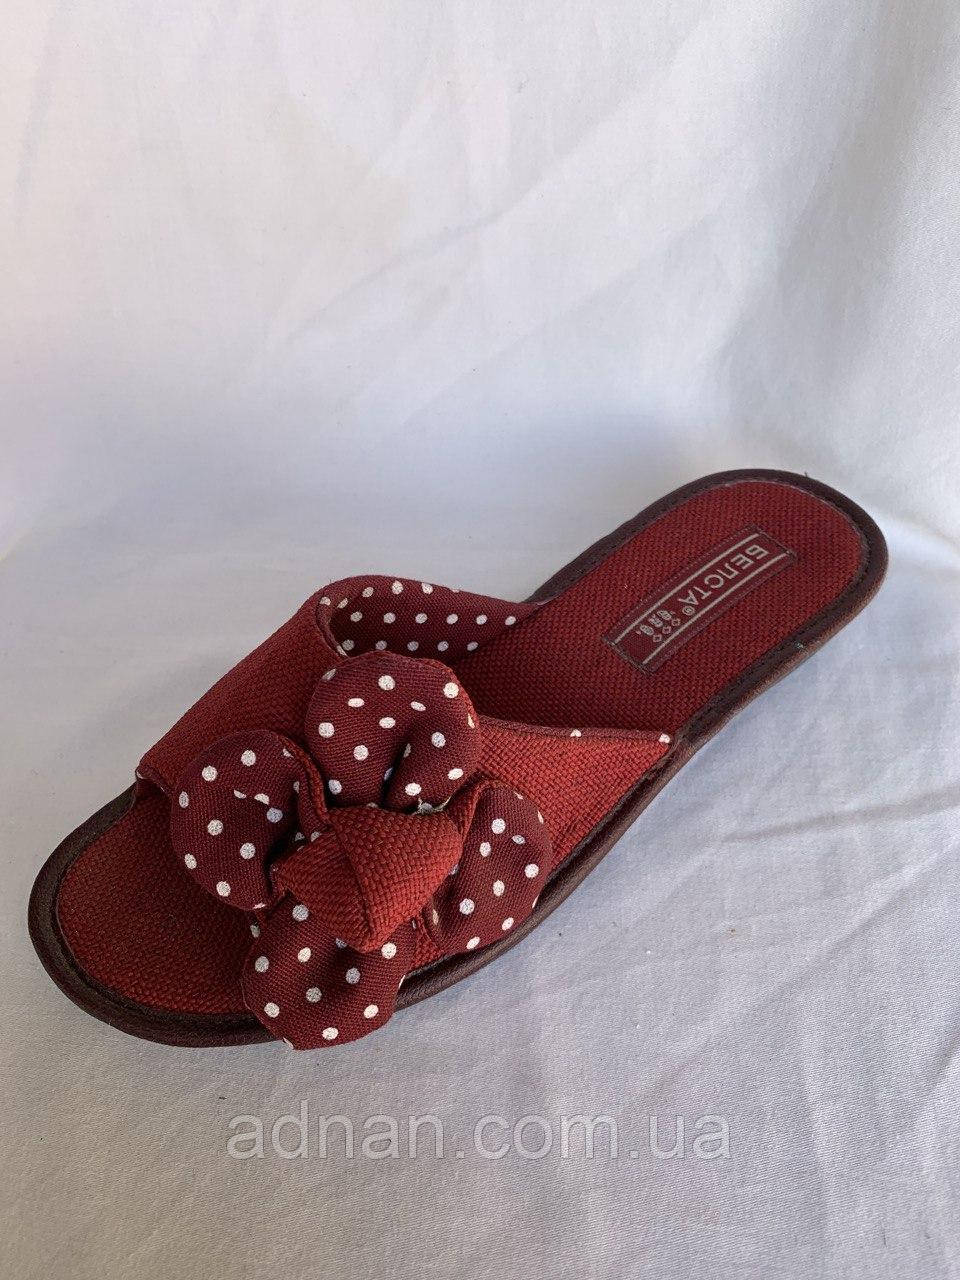 Тапочки жіночі БЕЛСТА відкриті 6 пар в упаковці,005 Україна/ купити тапочки оптом